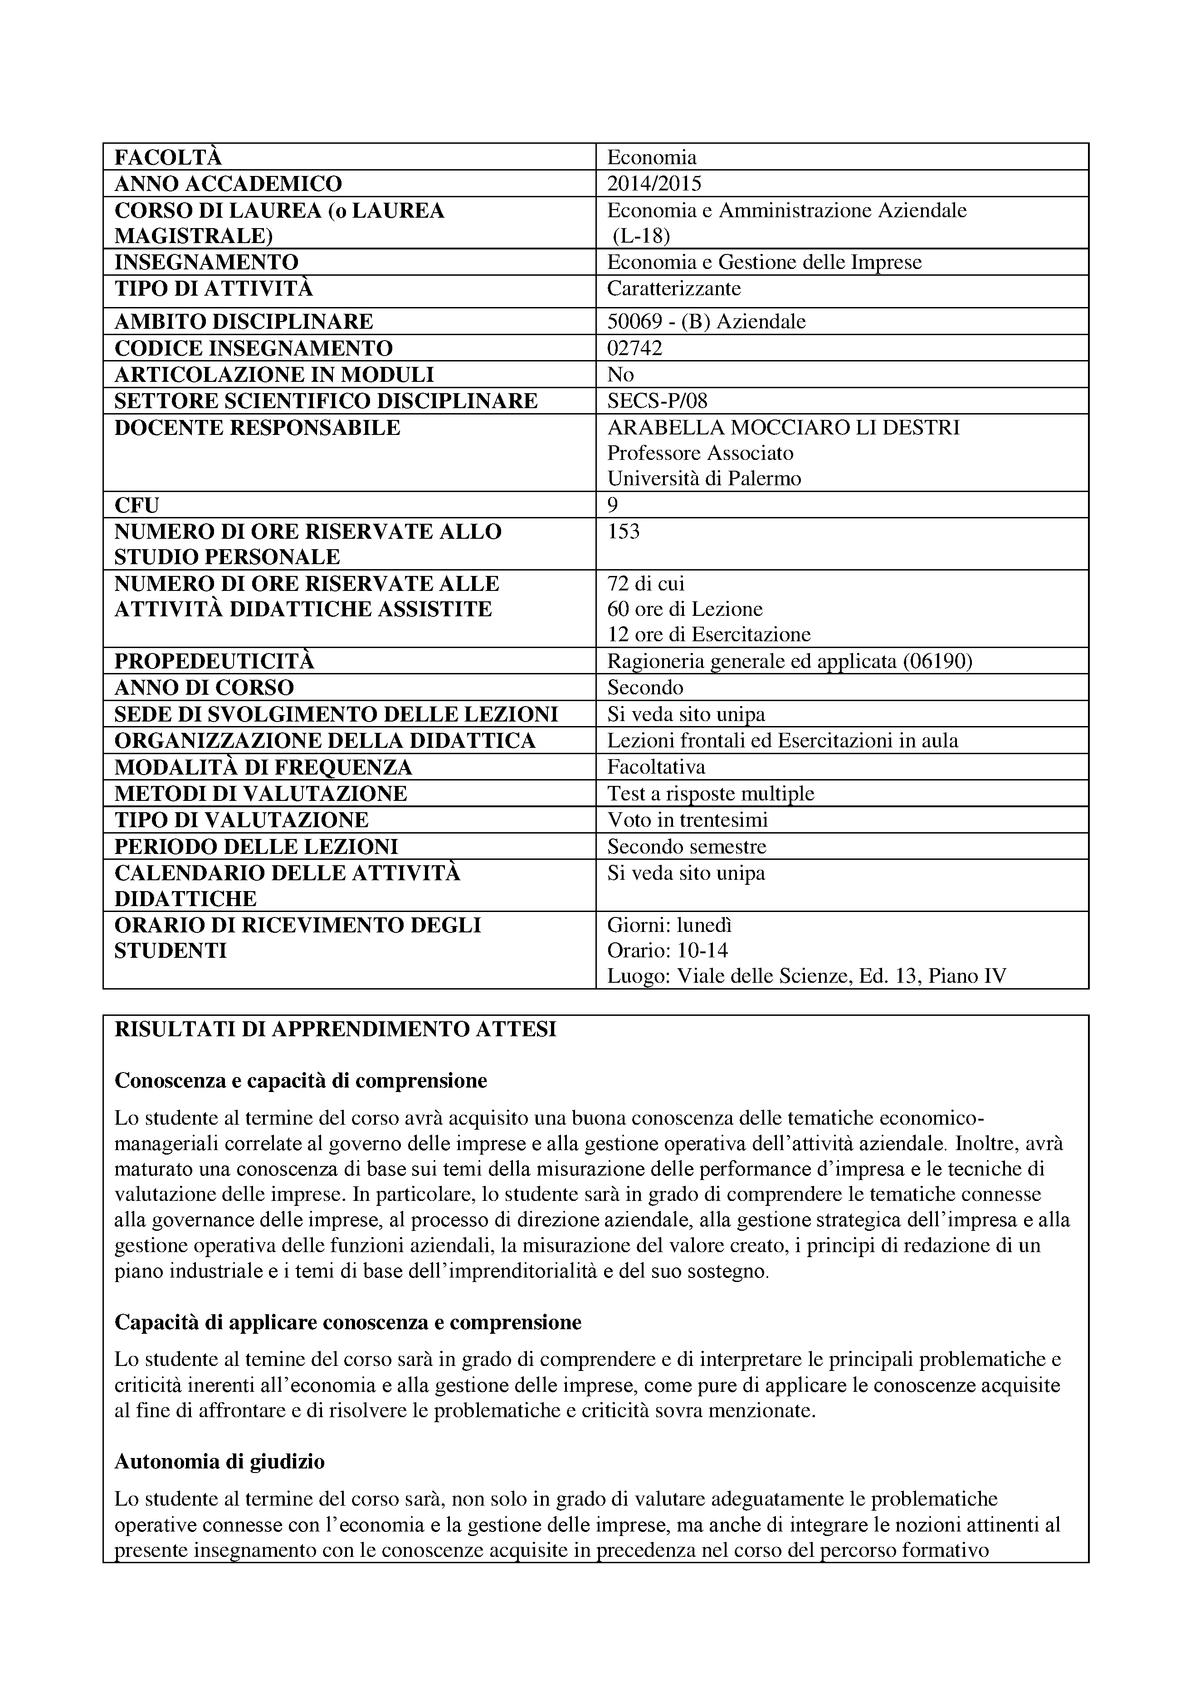 Calendario Esami Unipa Economia.Mocciarolidestri Rev Economia E Gestione Delle Imprese